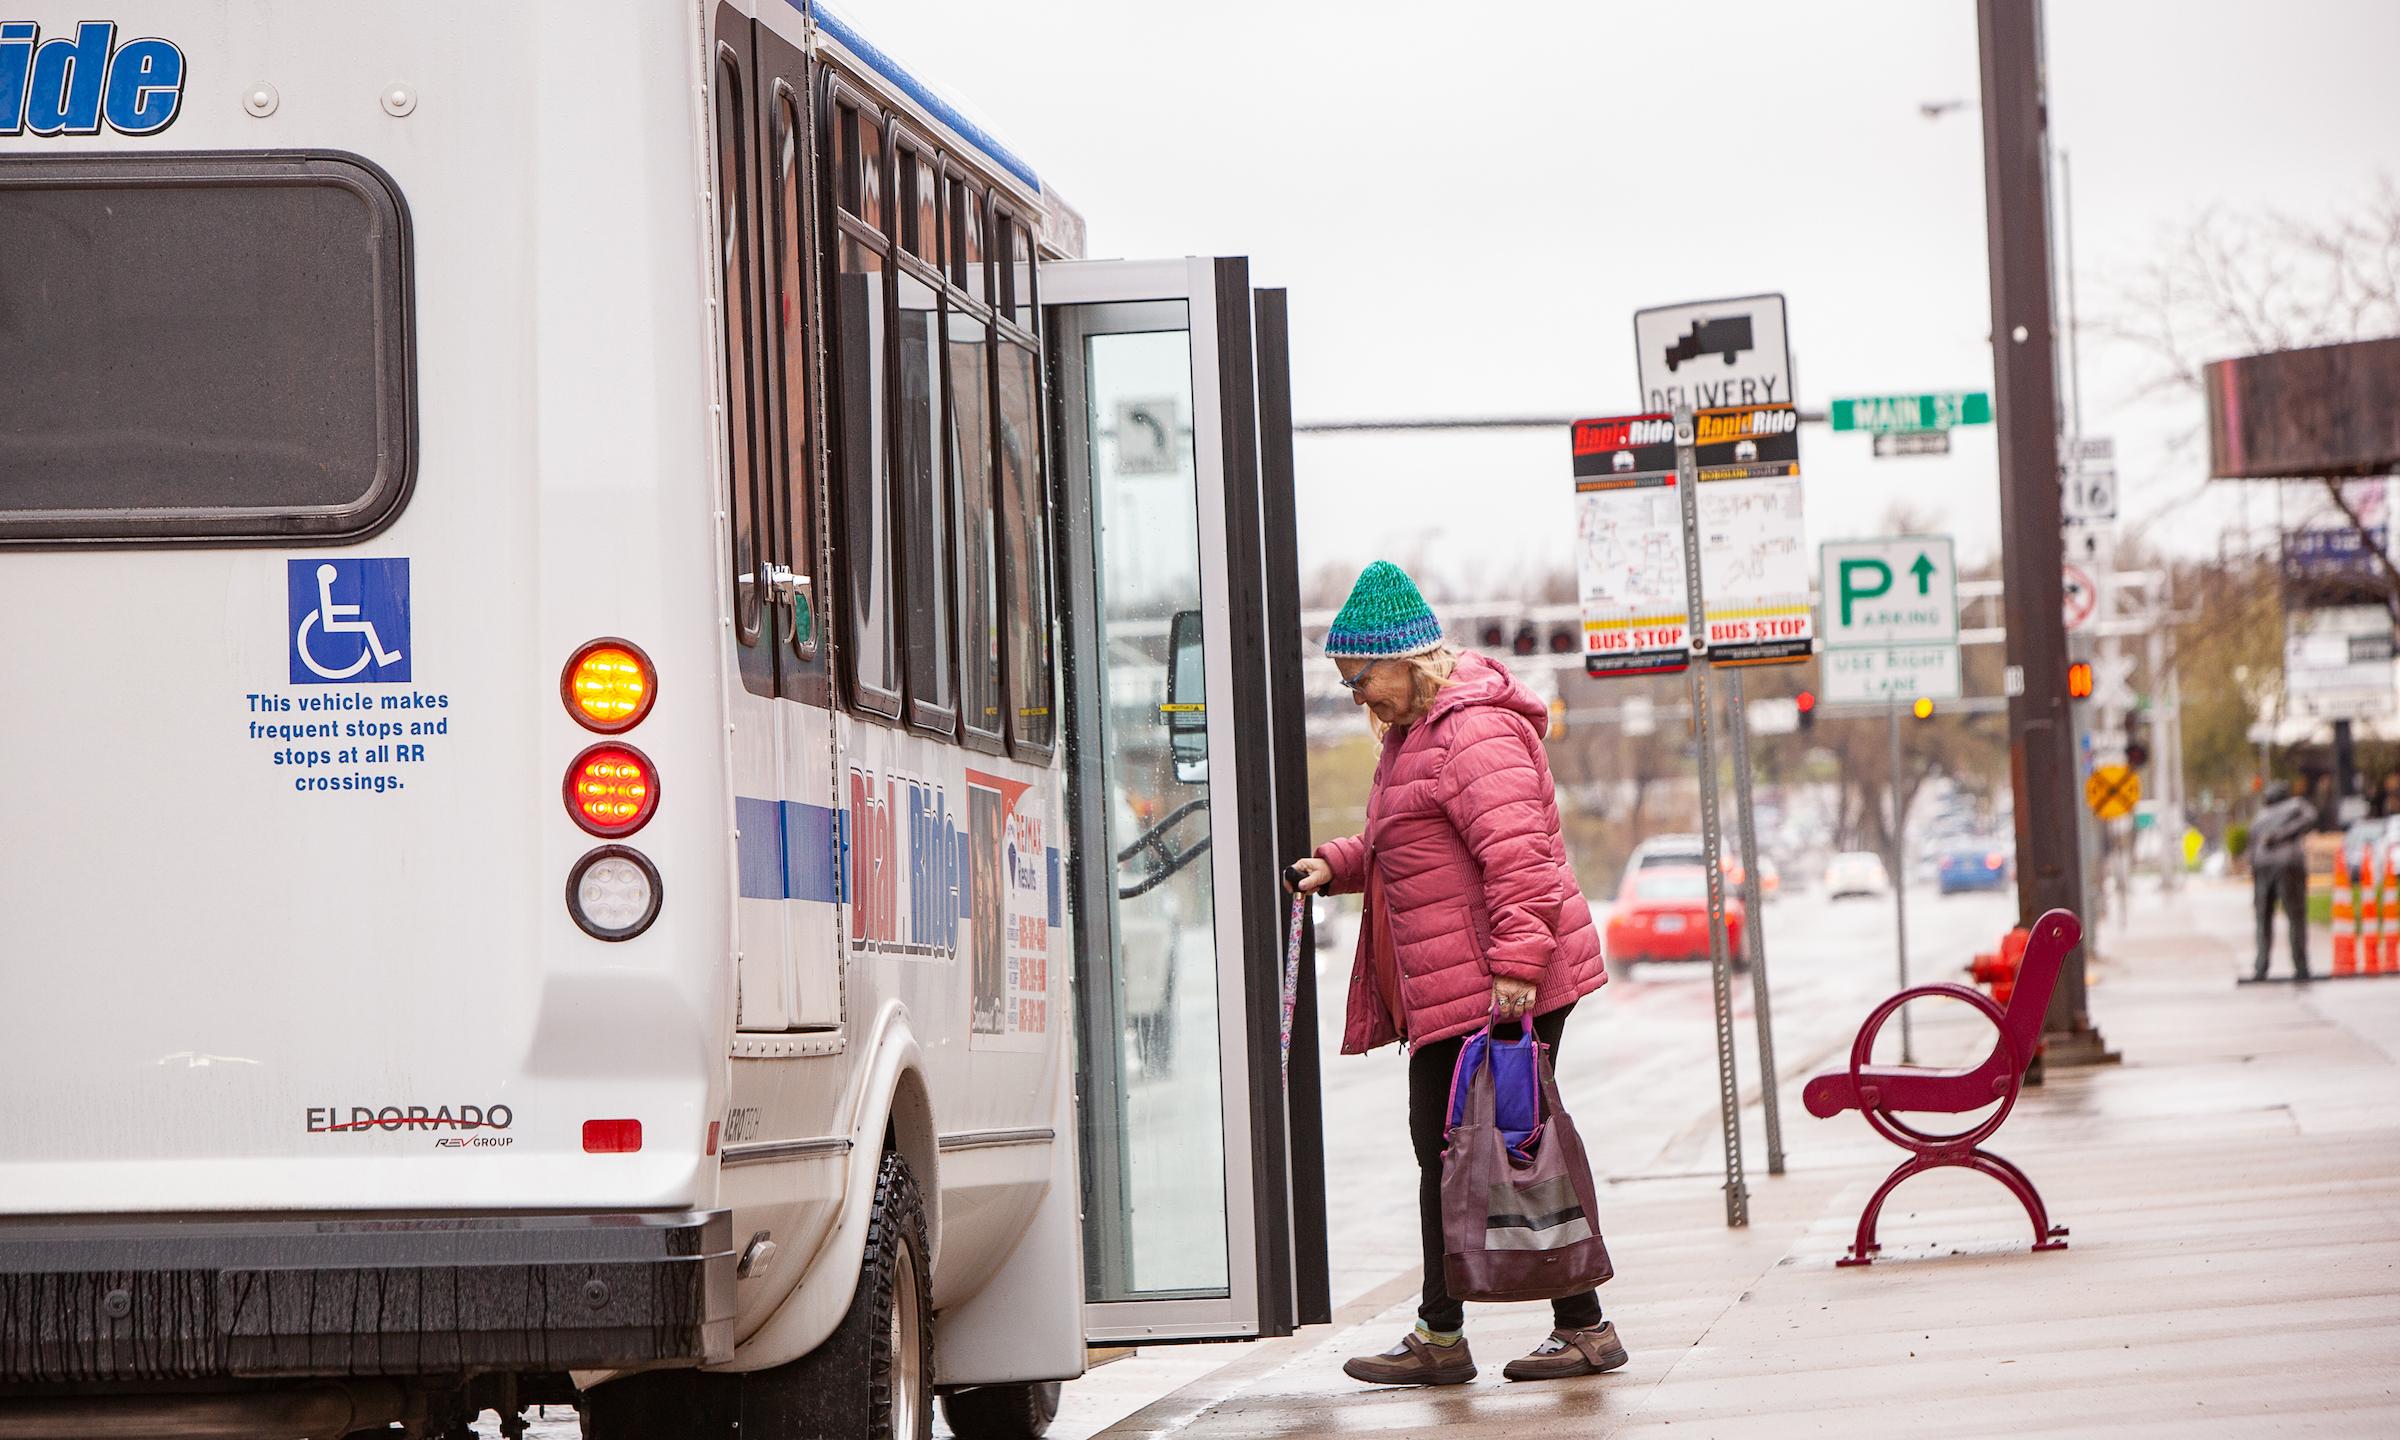 woman boarding public transportation bus